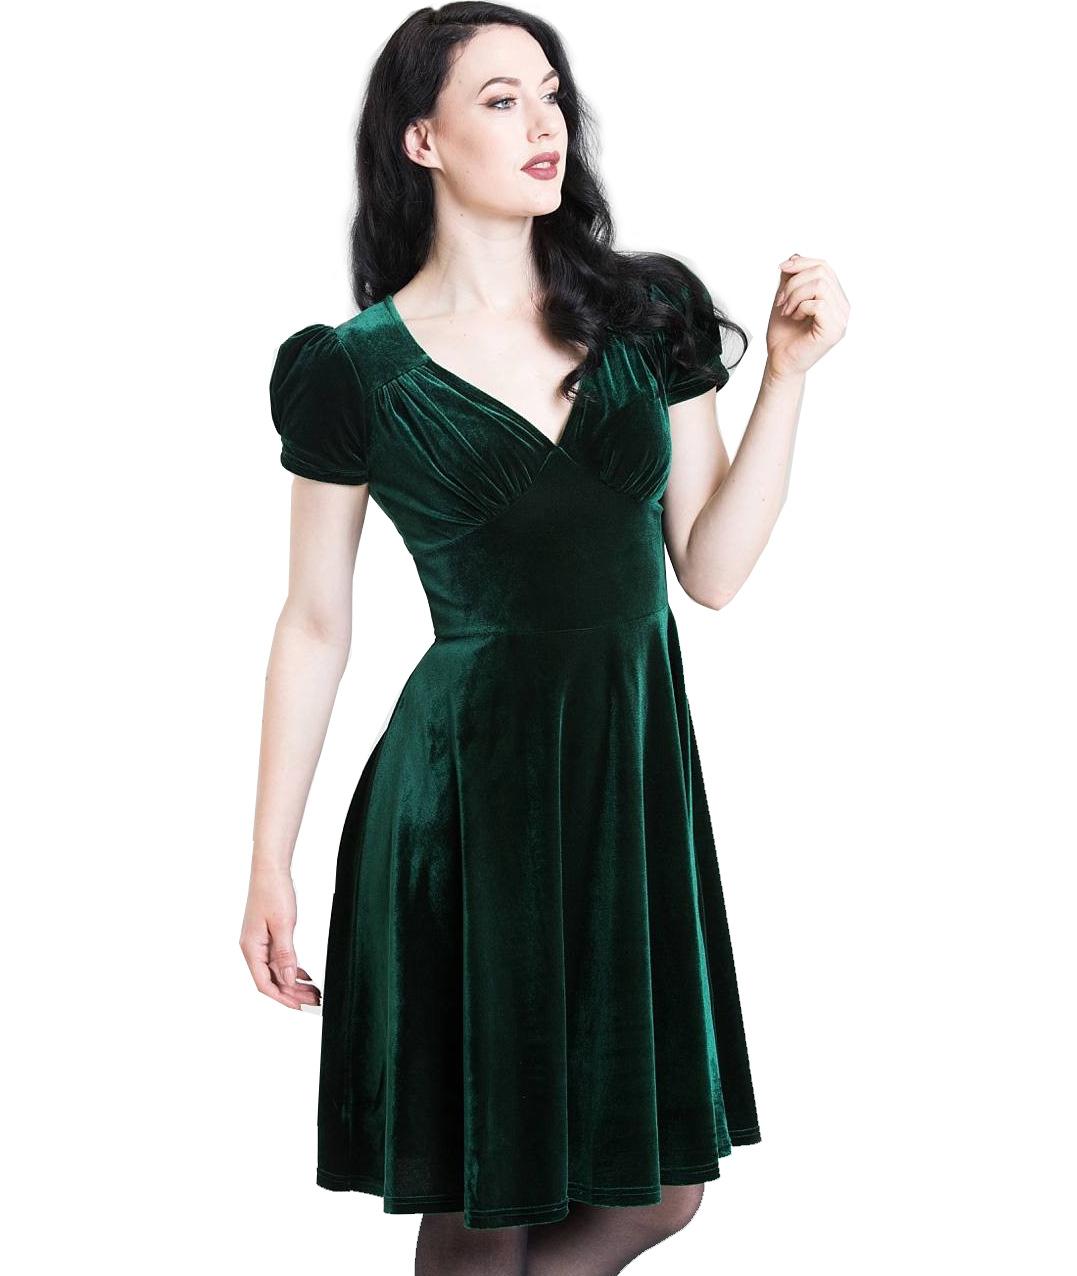 Hell-Bunny-40s-50s-Elegant-Pin-Up-Dress-JOANNE-Crushed-Velvet-Green-All-Sizes thumbnail 33